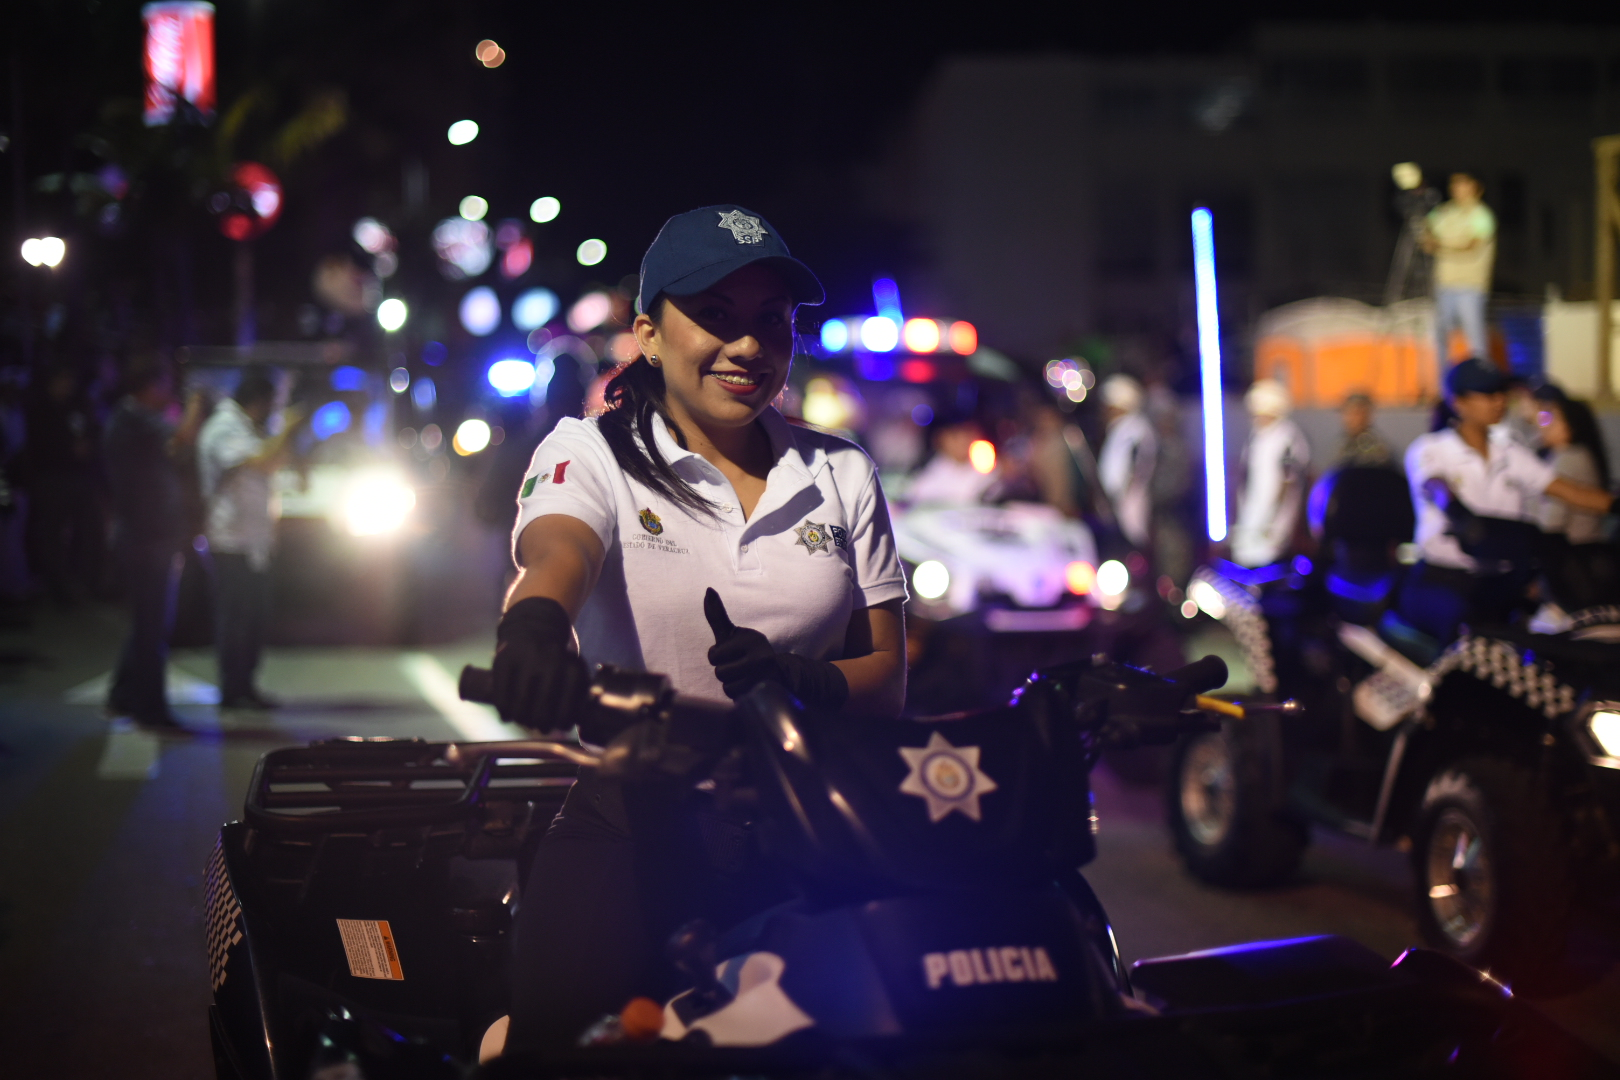 Tres mil elementos resguardarán la seguridad del carnaval